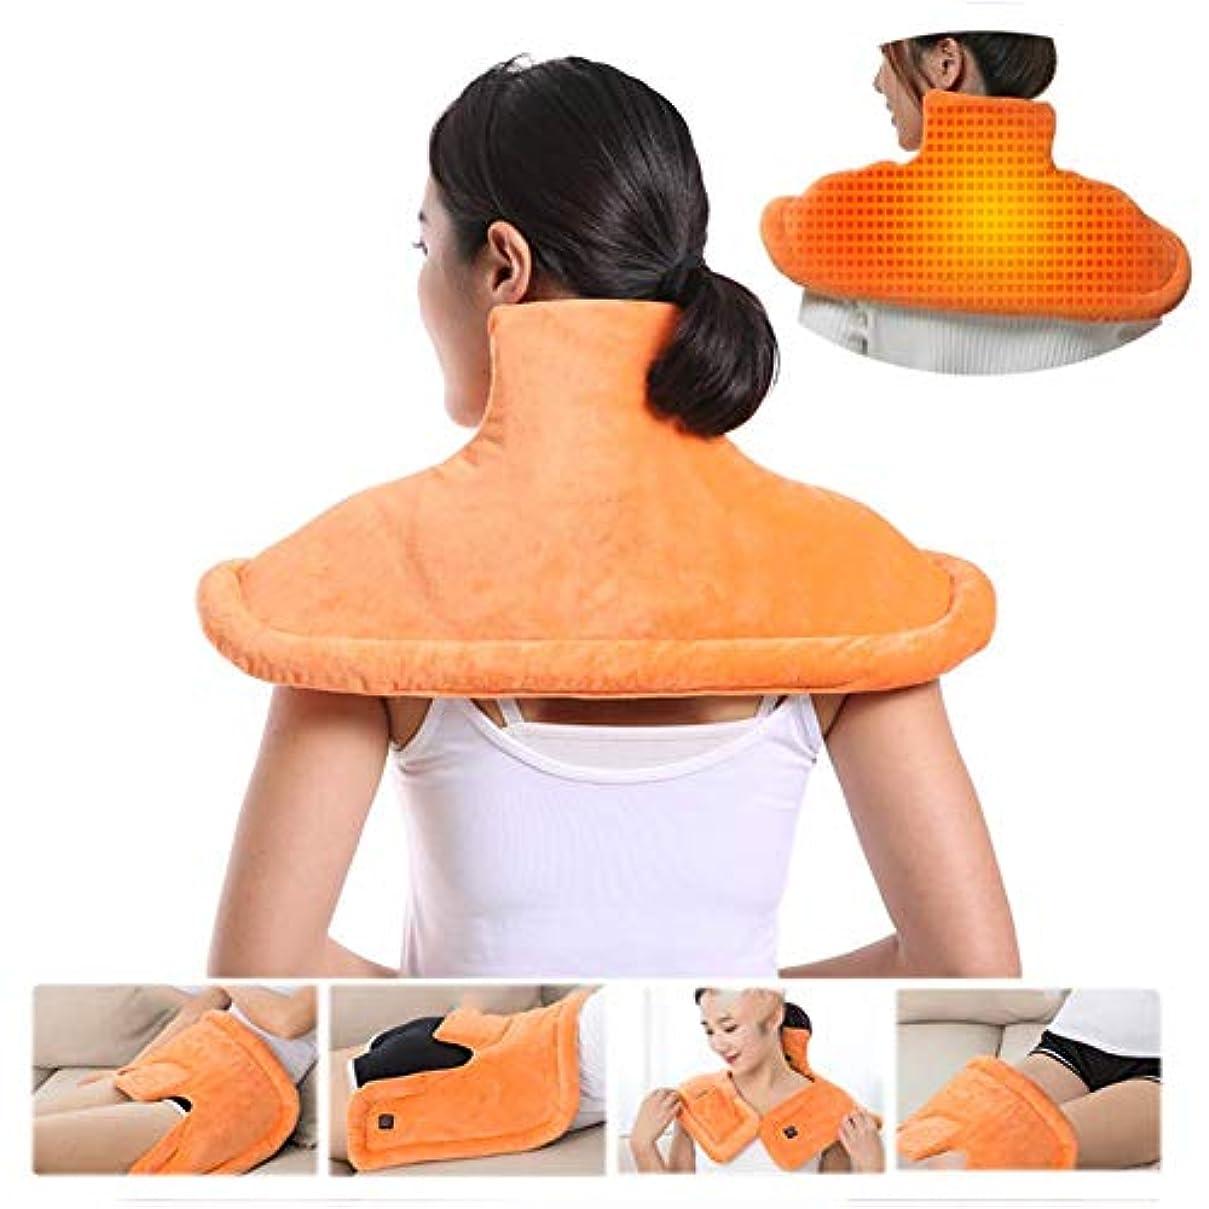 速報交じるアメリカSooger 電熱のストール 首の肩の背部暖房パッド、マッサージのヒートラップの熱くするショールの減圧のための調節可能な強度フルボディマッサージ首の肩暖房湿った熱療法のパッド